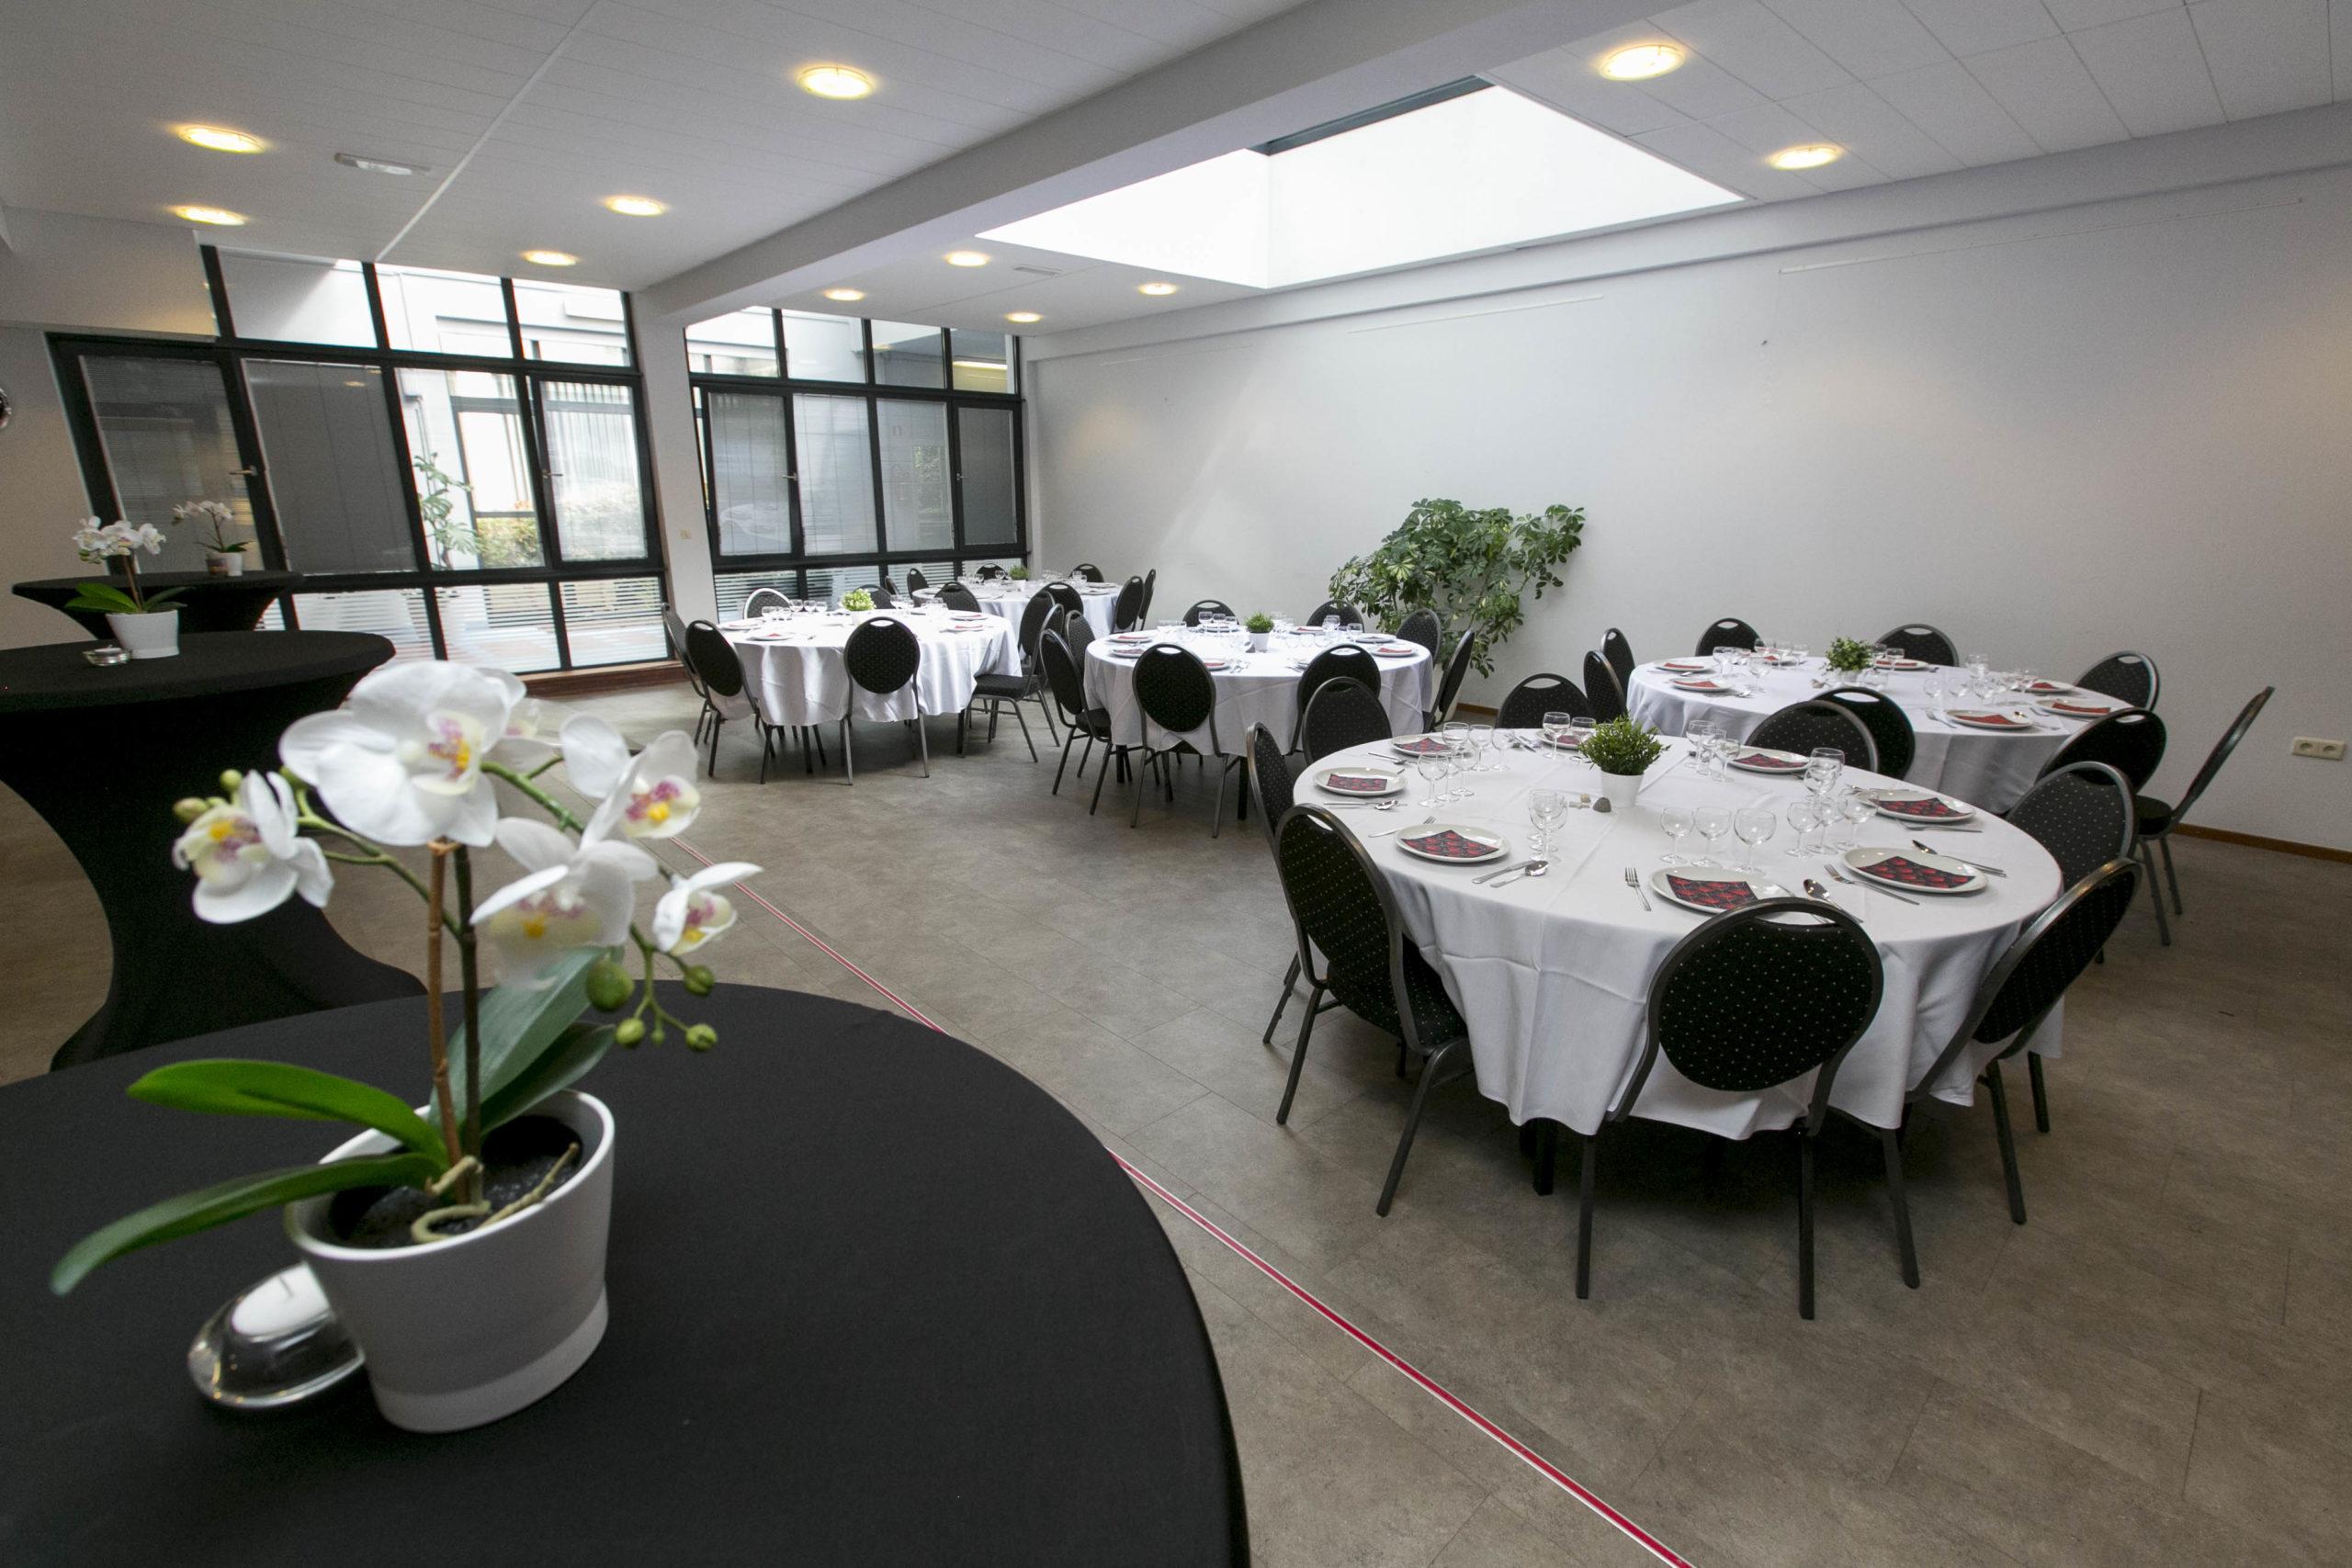 Salle de réception - Maison des associations internationales